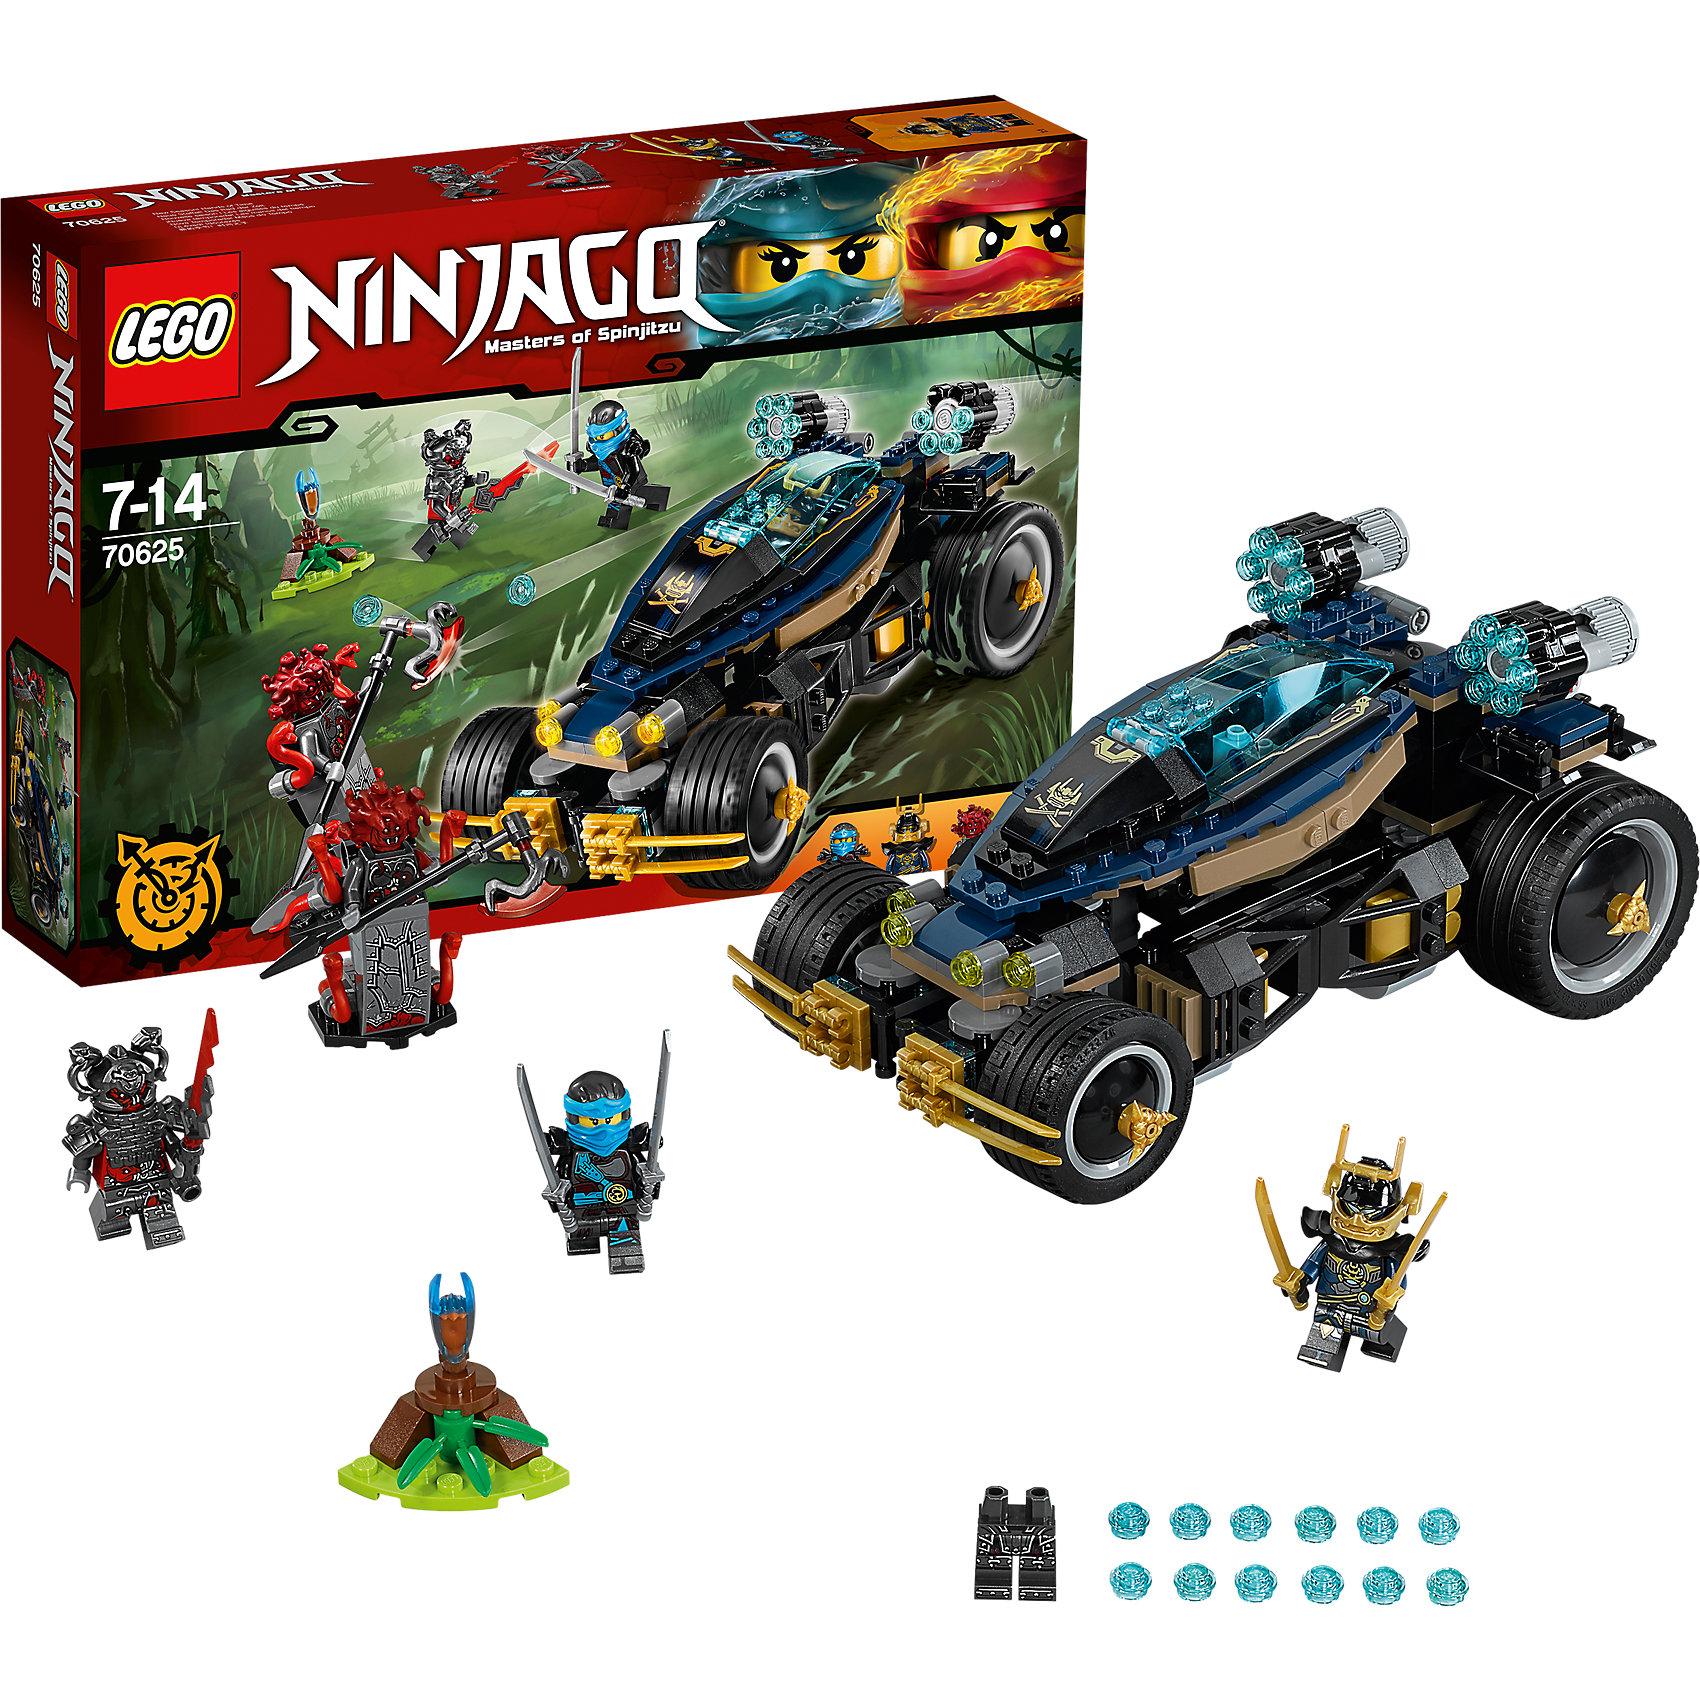 LEGO NINJAGO 70625: Самурай VXLLEGO NINJAGO 70625: Самурай VXL<br><br>Характеристики:<br><br>- в набор входит: детали машины и подставки, 4 минифигурки, 1 клинок времени, аксессуары, красочная инструкция по сборке<br>- минифигурки набора: Самурай Икс, Ния, Риветт, генерал Макиа<br>- состав: пластик<br>- количество деталей: 428<br>- примерное время сборки: 40 мин.<br>- размер самурая VXL: 20 * 10 * 13 см. <br>- размер подставки: 3 * 3 * 3 см.<br>- для детей в возрасте: от 7 до 14 лет<br>- Страна производитель: Дания/Китай/Чехия<br><br>Легендарный конструктор LEGO (ЛЕГО) представляет серию «NINJAGO» (Ниндзяго) - это увлекательный мир воинов ниндзя против зла. Ребенку понравятся разнообразие приключений и возможности новых игр. <br><br>Самурай Икс представлен в доспехе с золотыми элементами, золотыми катанами и в своем новом костюме, у самурая два выражения лица. Фигурка Нии в голубо-сером костюме тоже отлично проработана, у нее есть наплечники и ножны для оружия за спиной. Злодей Риветт в тяжелом доспехе и с мощным мечом и тяжелым шлемом выглядит устрашающе. Генерал Вермиллионов Макиа окружен змеями и выглядит очень внушающие благодаря своему размеру, в руках у него мощный топор. Его объемная прическа состоит из змей, в комплект входят обычные ноги и вариант с хвостом. <br><br>Транспортное средство Самурай VXL оснащено большими шестиснарядными пушками стреляющими с помощью механизмов, кабина машины открывается. Колеса оснащены поворотным механизмом для более мягких поворотов, они поворачиваются при наклоне кабины. К клинку времени выпущена подставка. Помоги ниндзям победить Алую армию! <br><br>Играя с конструктором ребенок развивает моторику рук, воображение и логическое мышление, научится собирать по инструкции и создавать свои модели. Придумывайте новые истории любимых героев с набором LEGO «NINJAGO»!<br><br>Конструктор LEGO NINJAGO 70625: Самурай VXL можно купить в нашем интернет-магазине.<br><br>Ширина мм: 384<br>Глубина мм: 264<br>Высота мм: 73<br>Вес г: 656<br>В